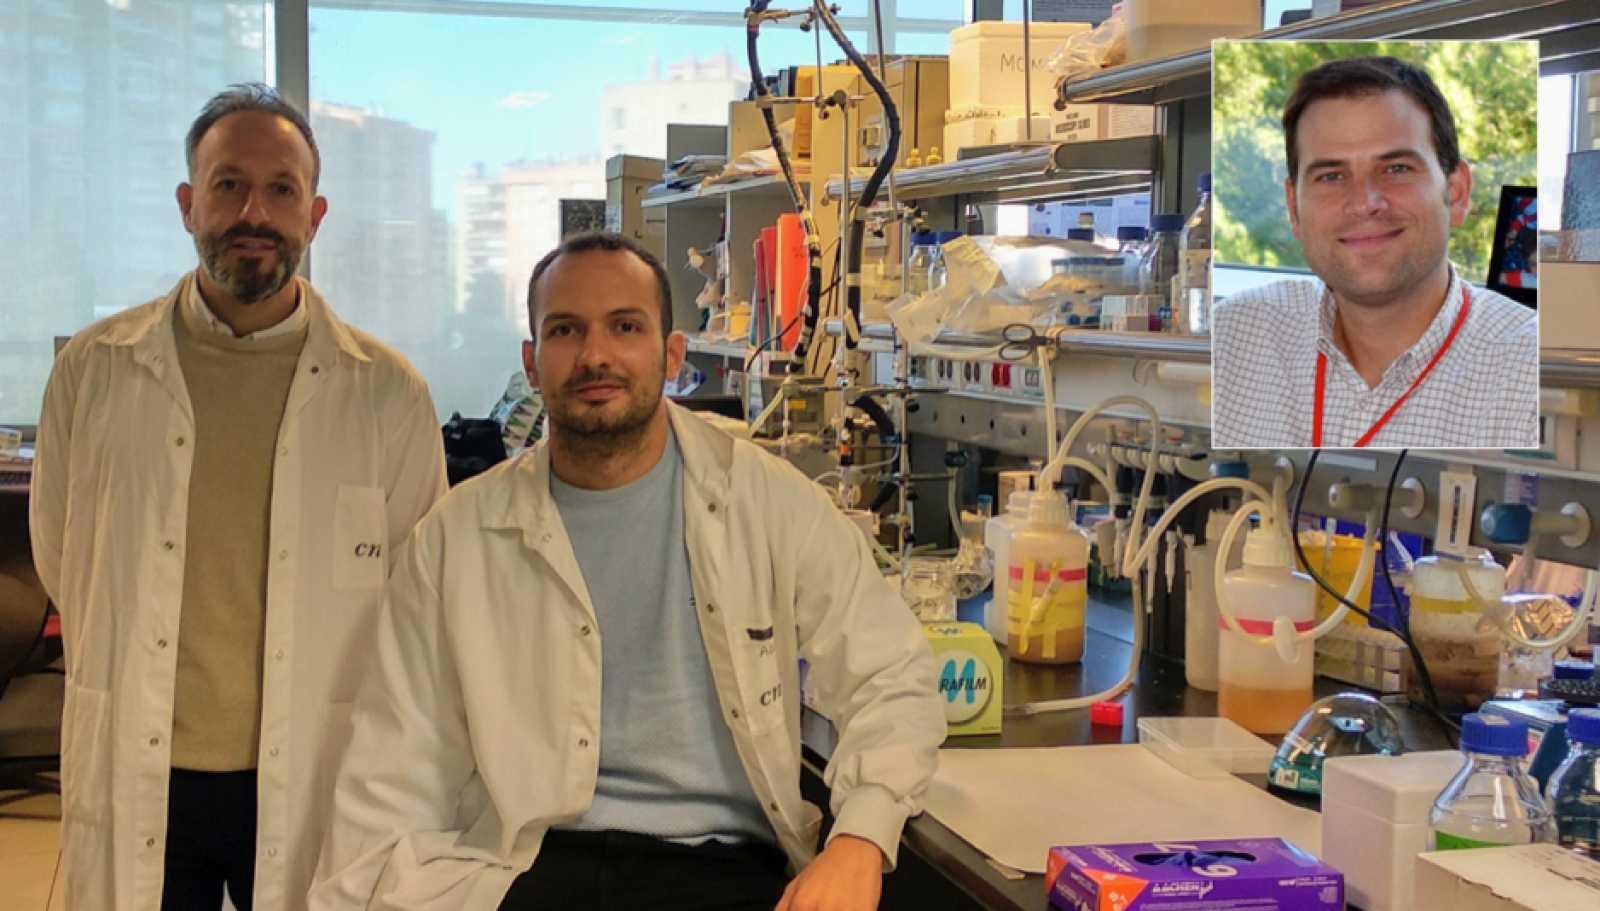 Punto de enlace - Tres españoles en la vanguardia de la Ciencia - 19/10/20 - escuchar ahora